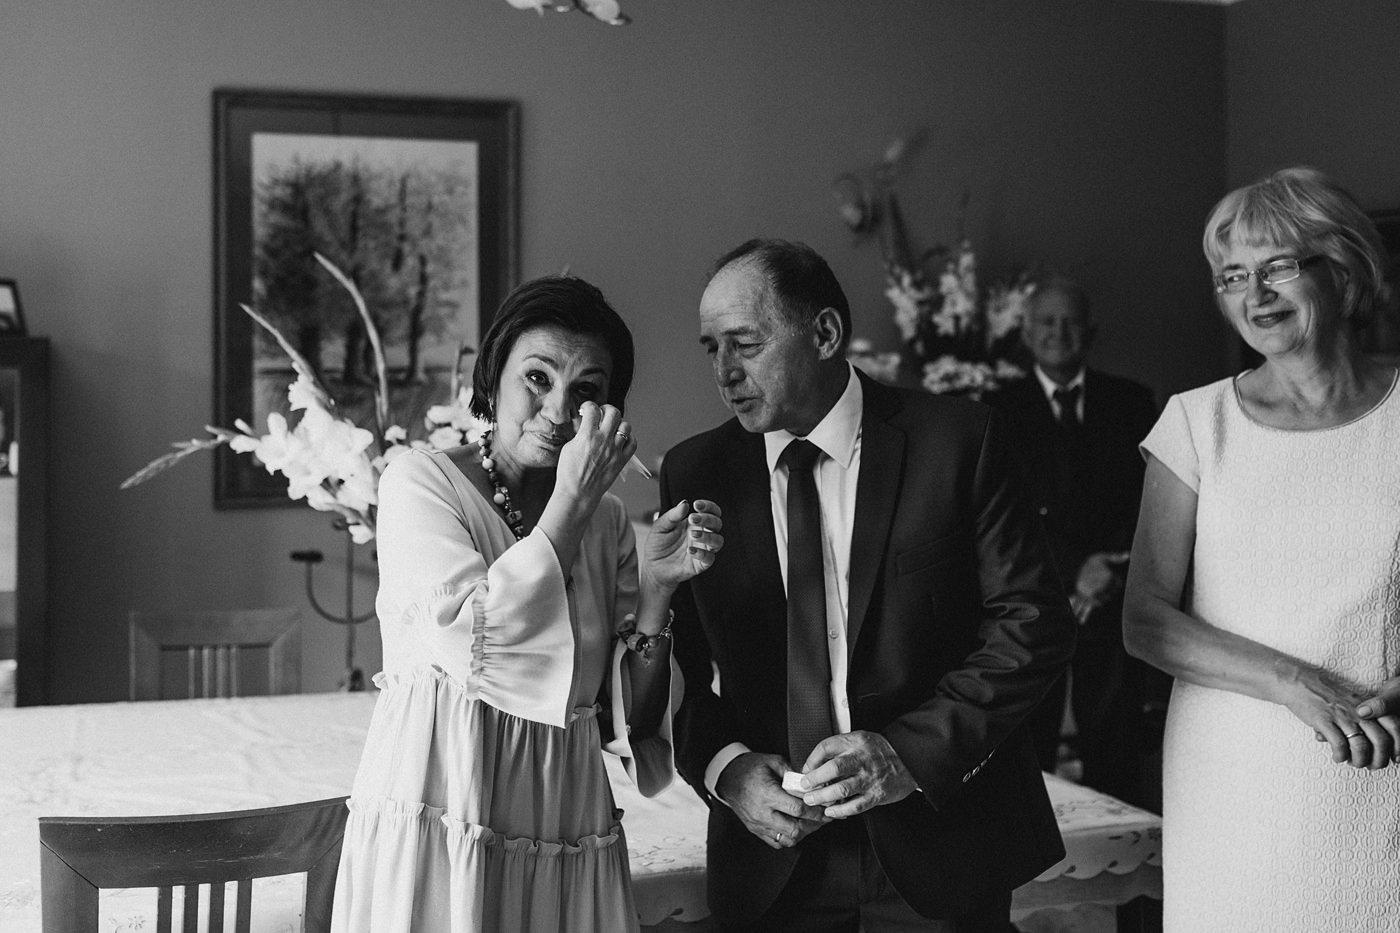 Dominika & Aleksander - Rustykalne wesele w stodole - Baborówko 31